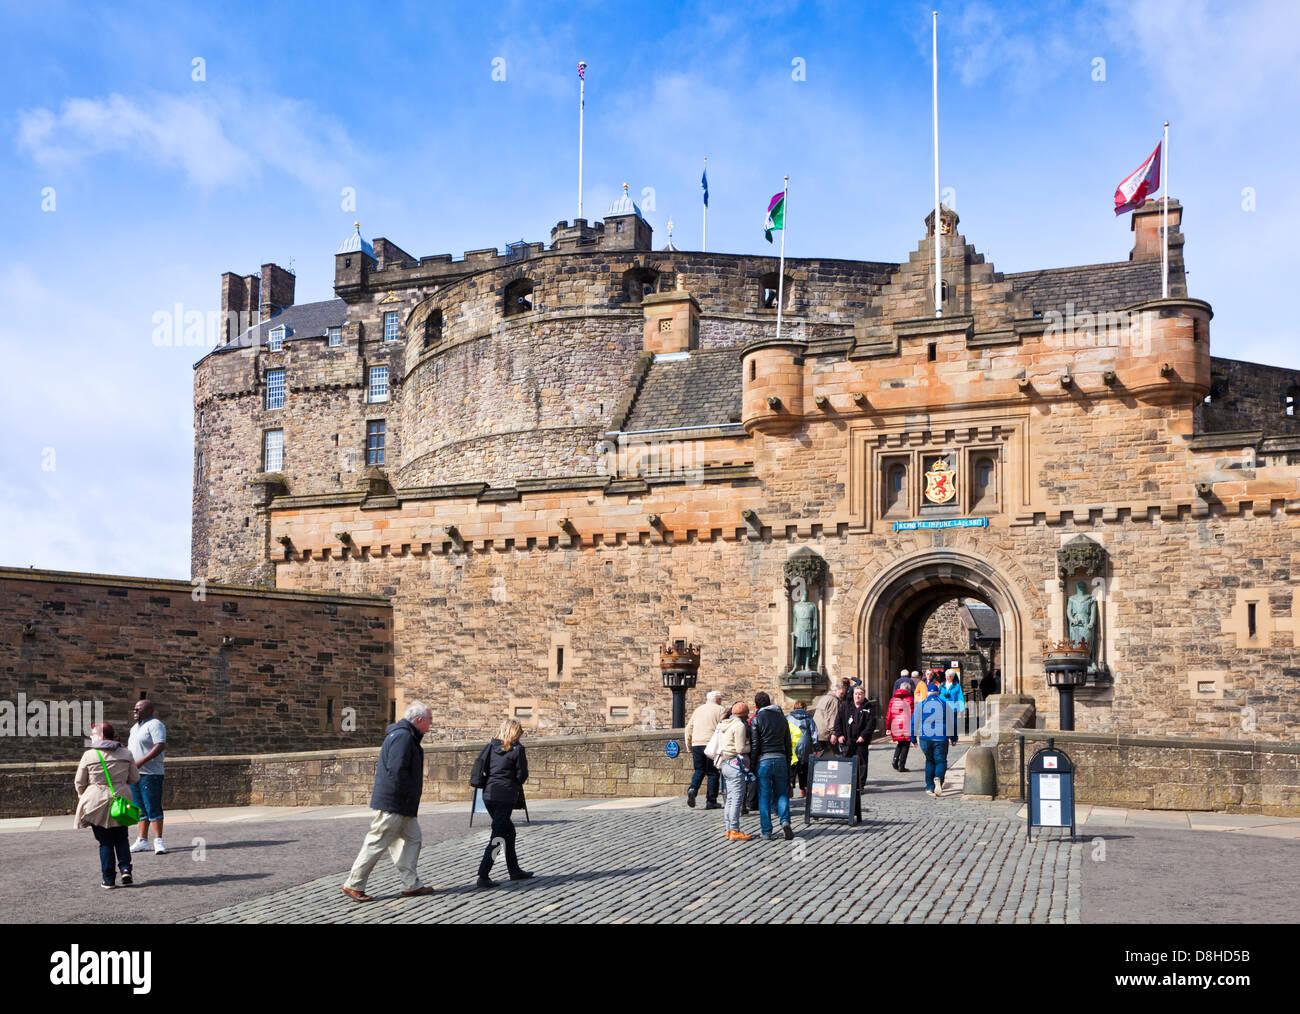 Edimbourg ecosse edimbourg les touristes à l'extérieur de l'entrée pour le château d'Édimbourg, Photo Stock